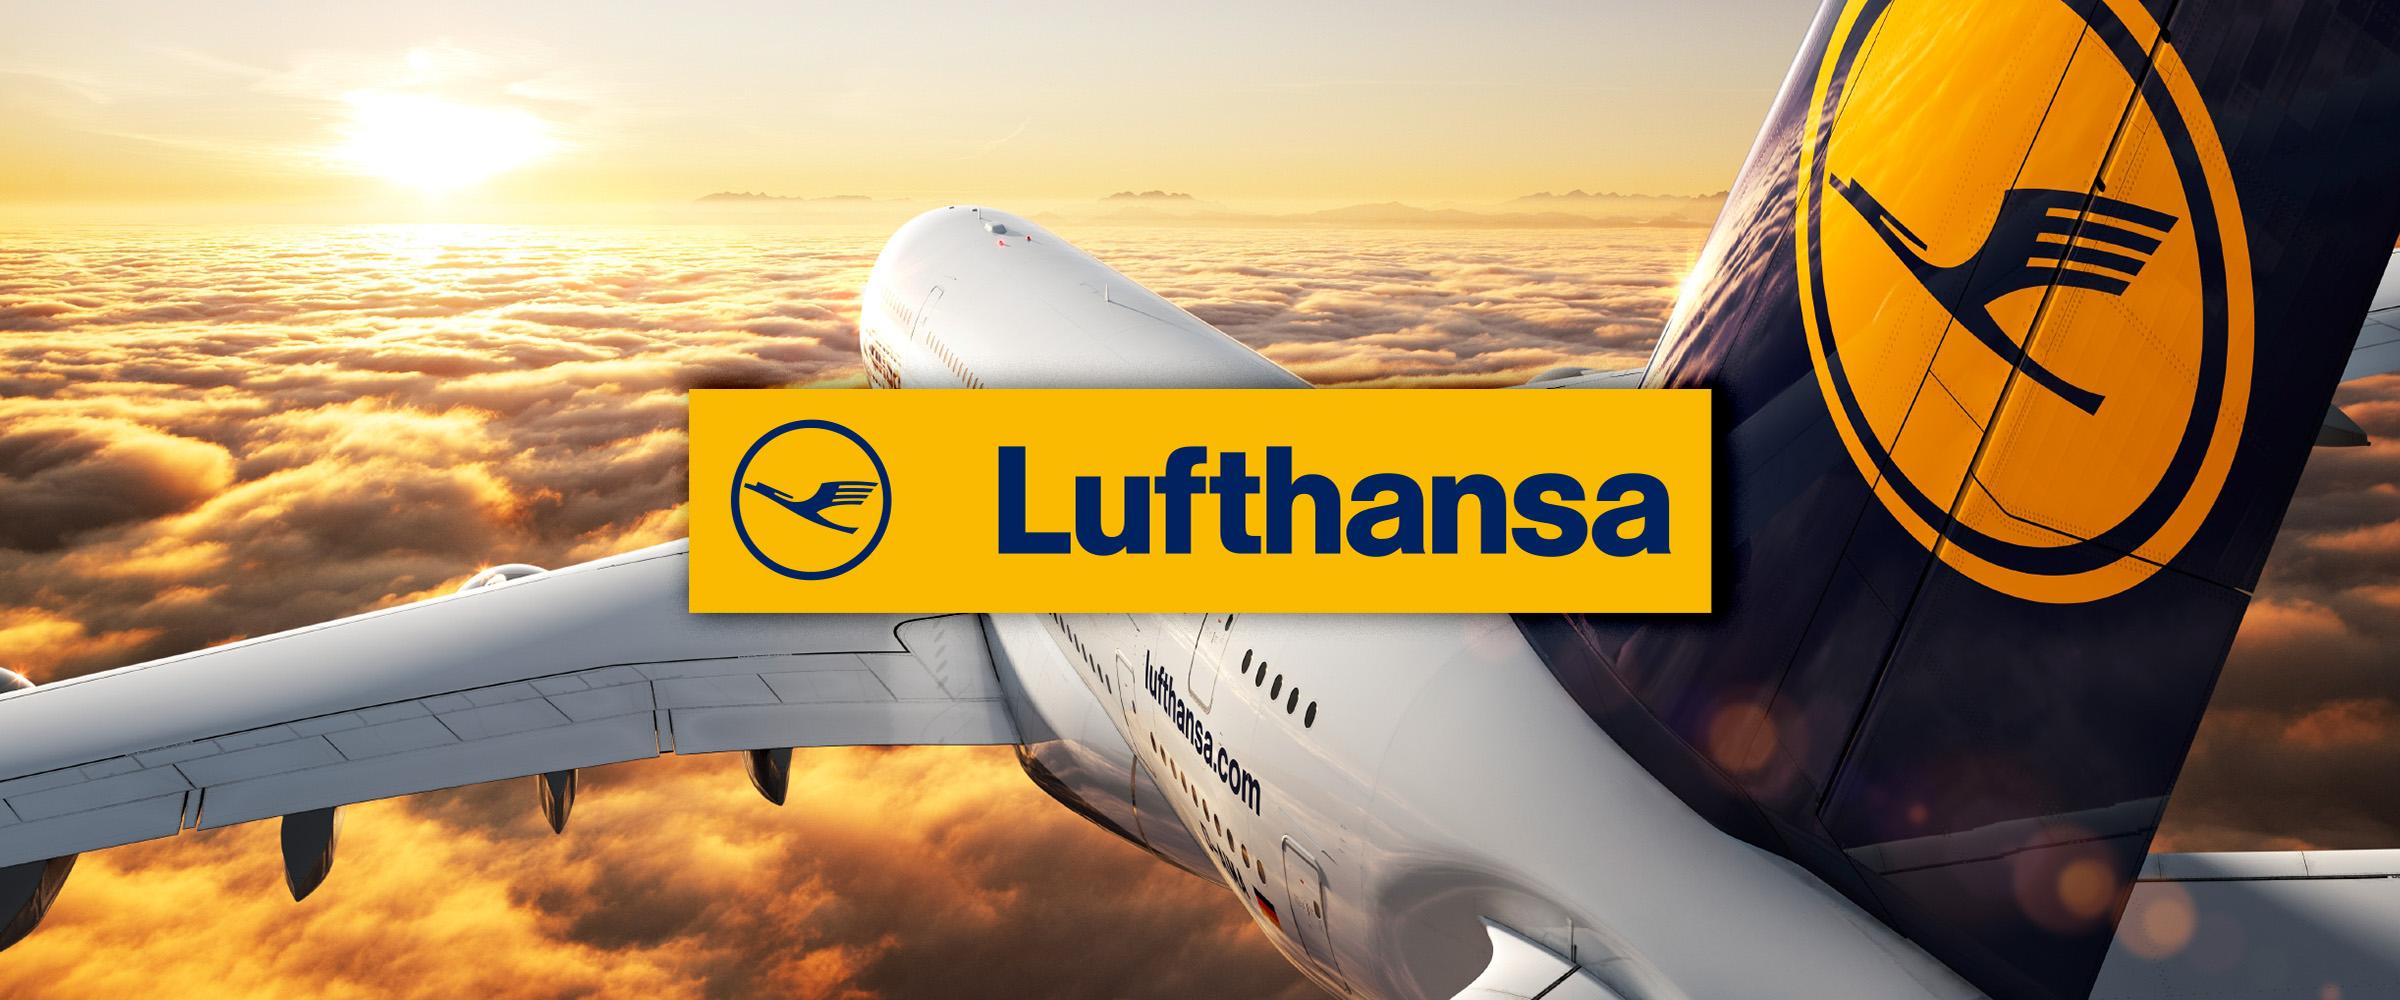 Lufthansa_Header